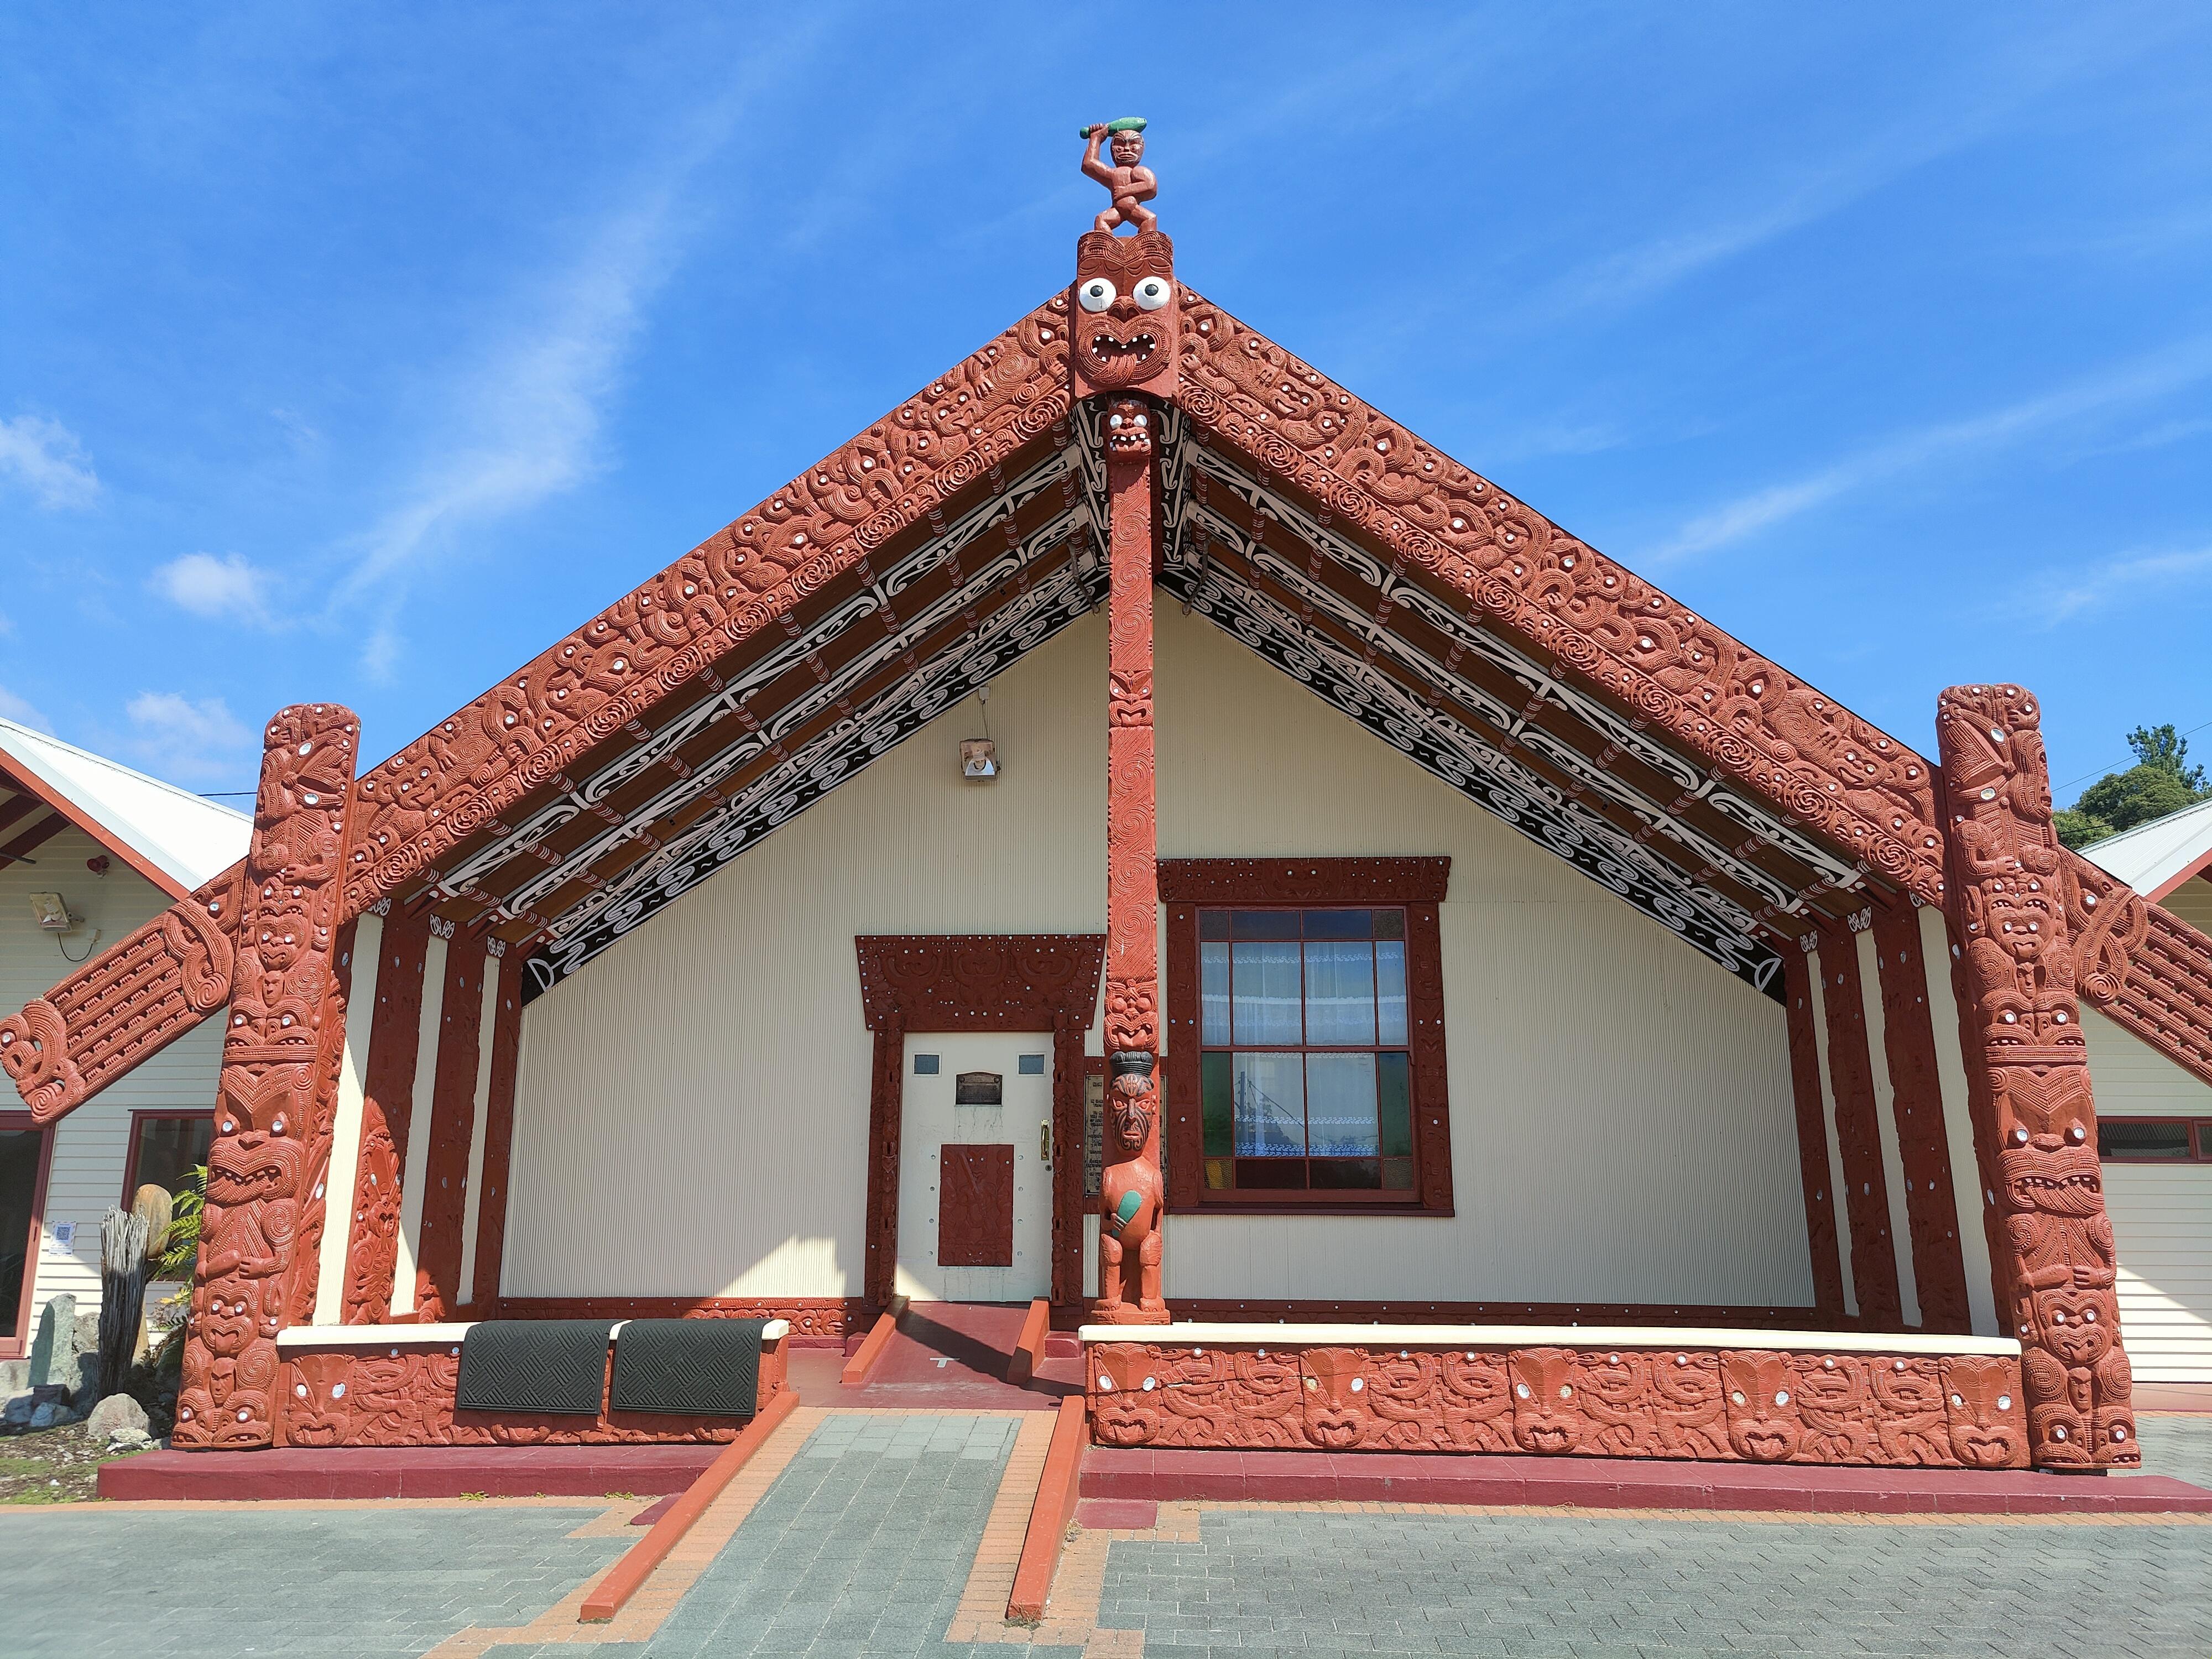 A Wharenui at Whakarewarewa Village